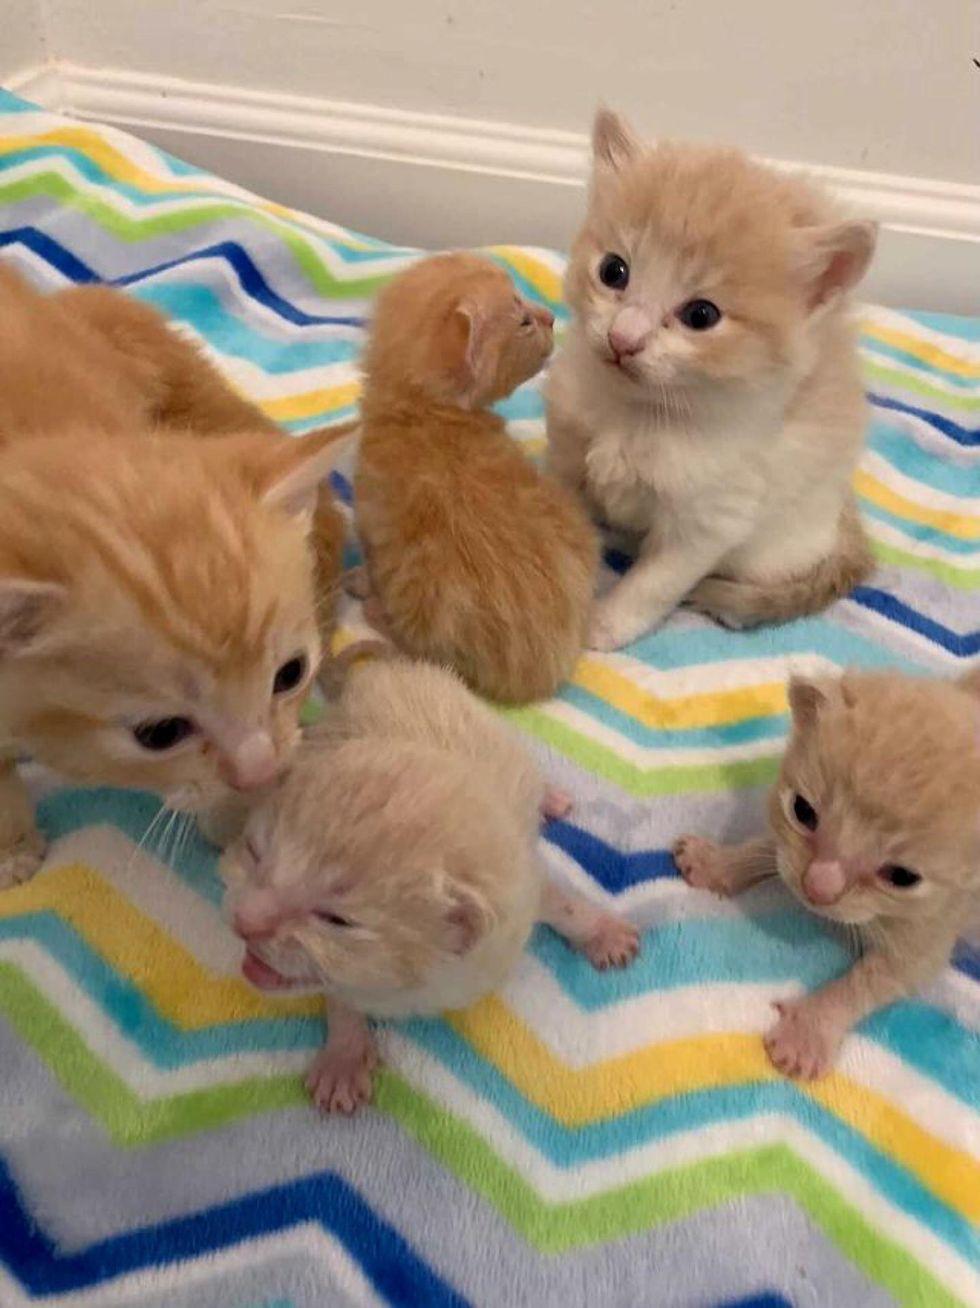 ginger kittens, adorable kittens